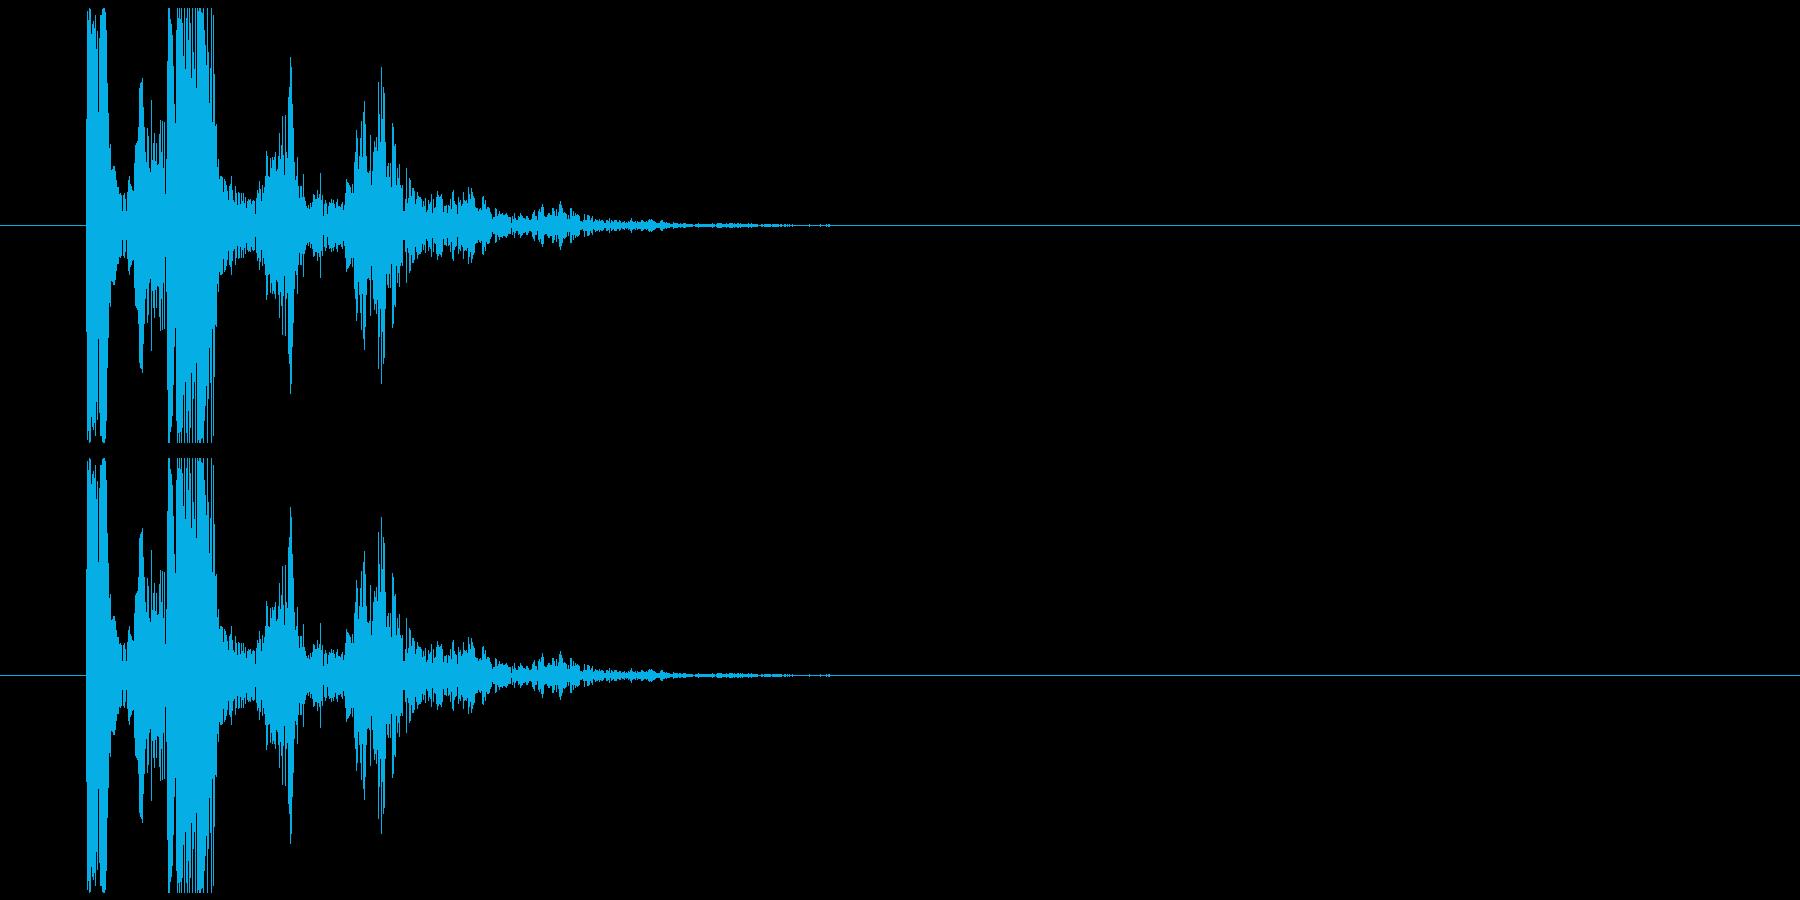 コミカルな魔法発射音の再生済みの波形